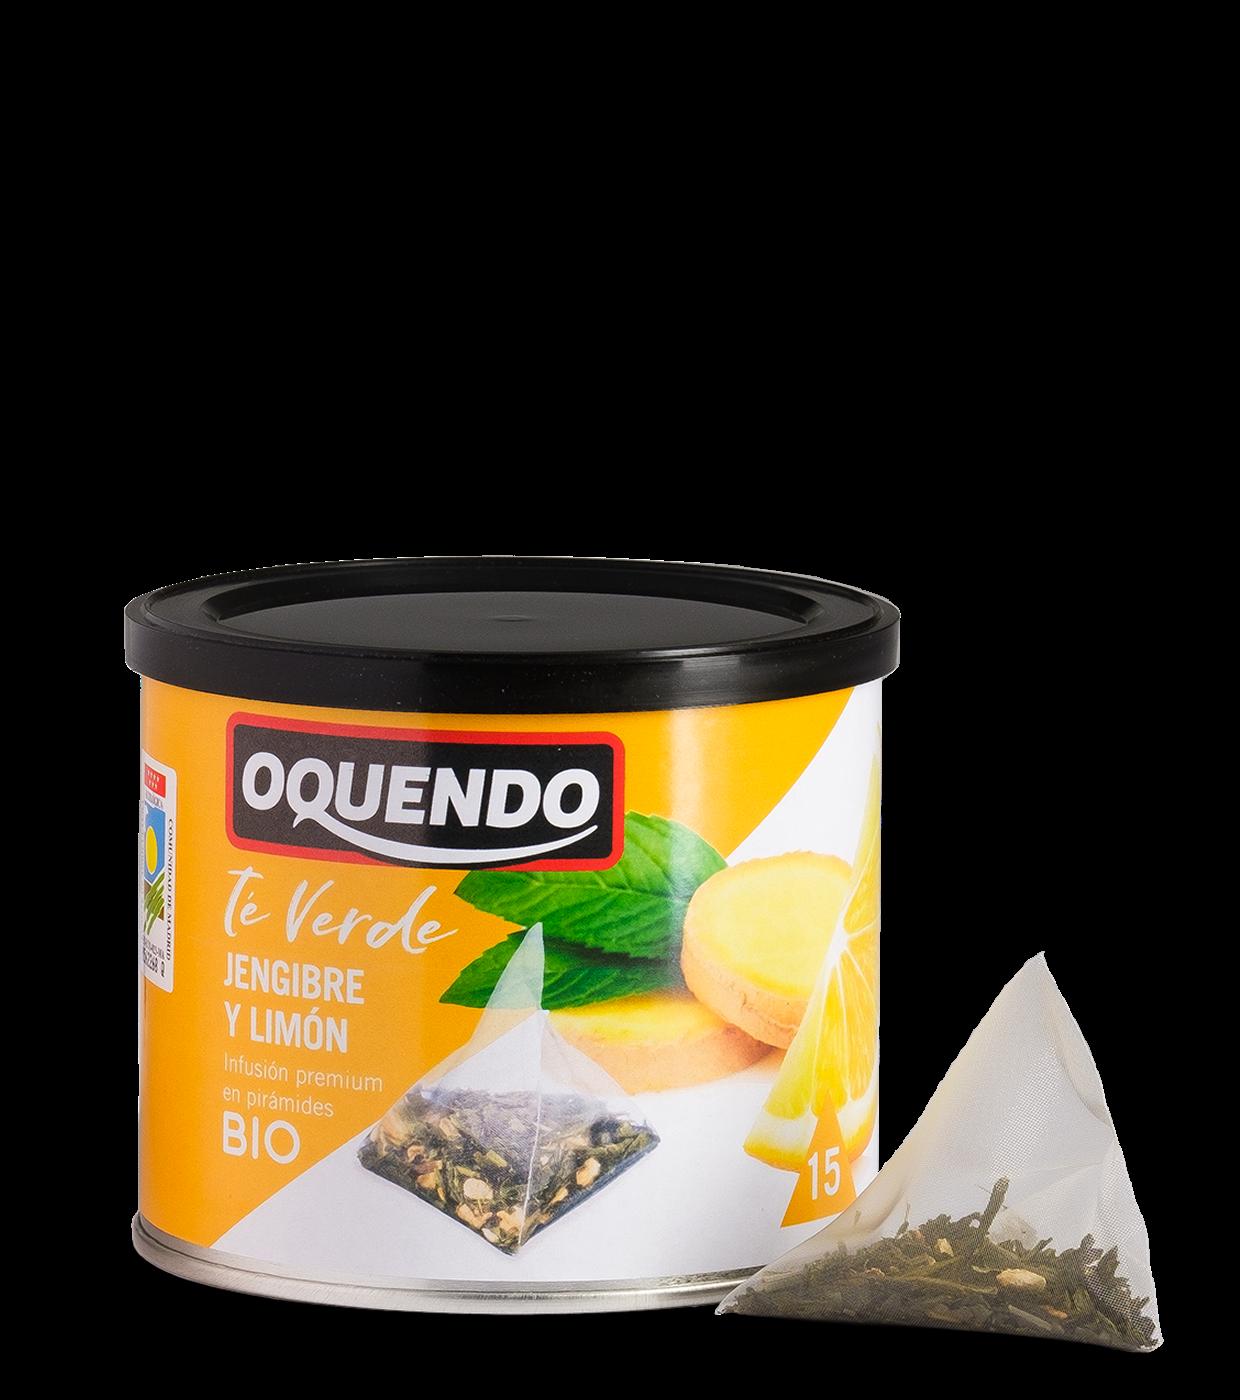 oquendo-40-infusiones-bio-te-verde-jengibre-limon